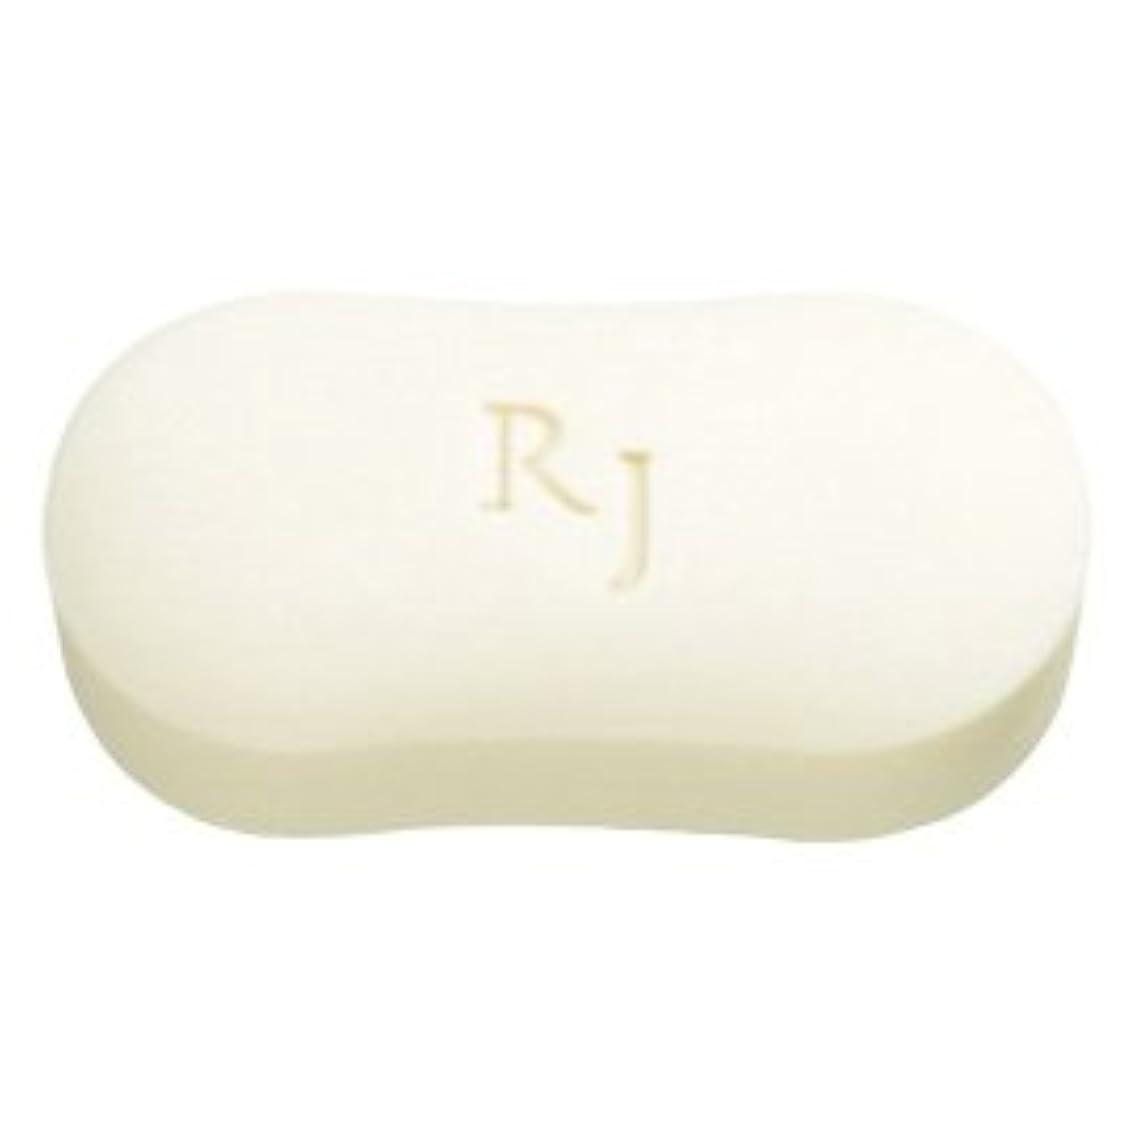 再生的大騒ぎアレイRJホワイトソープ(洗顔石鹸?ボディソープ) 脂性肌用 120g/Royal Jelly White Soap<120g>